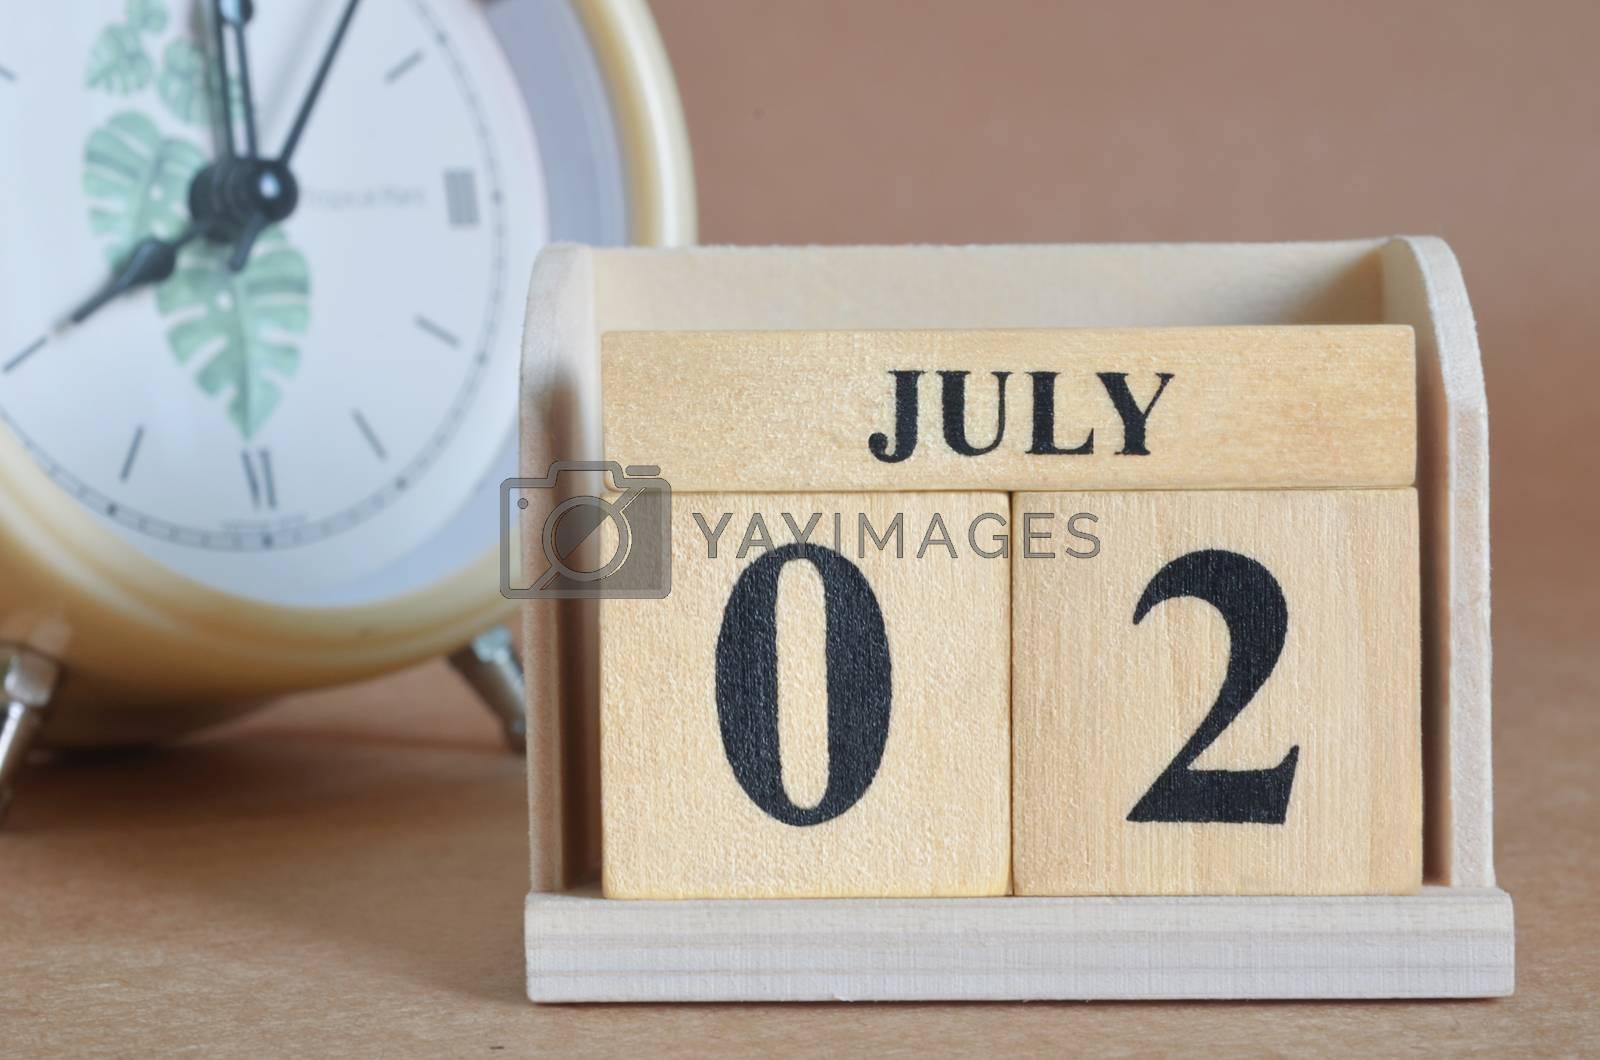 July 2 by Mrfrost